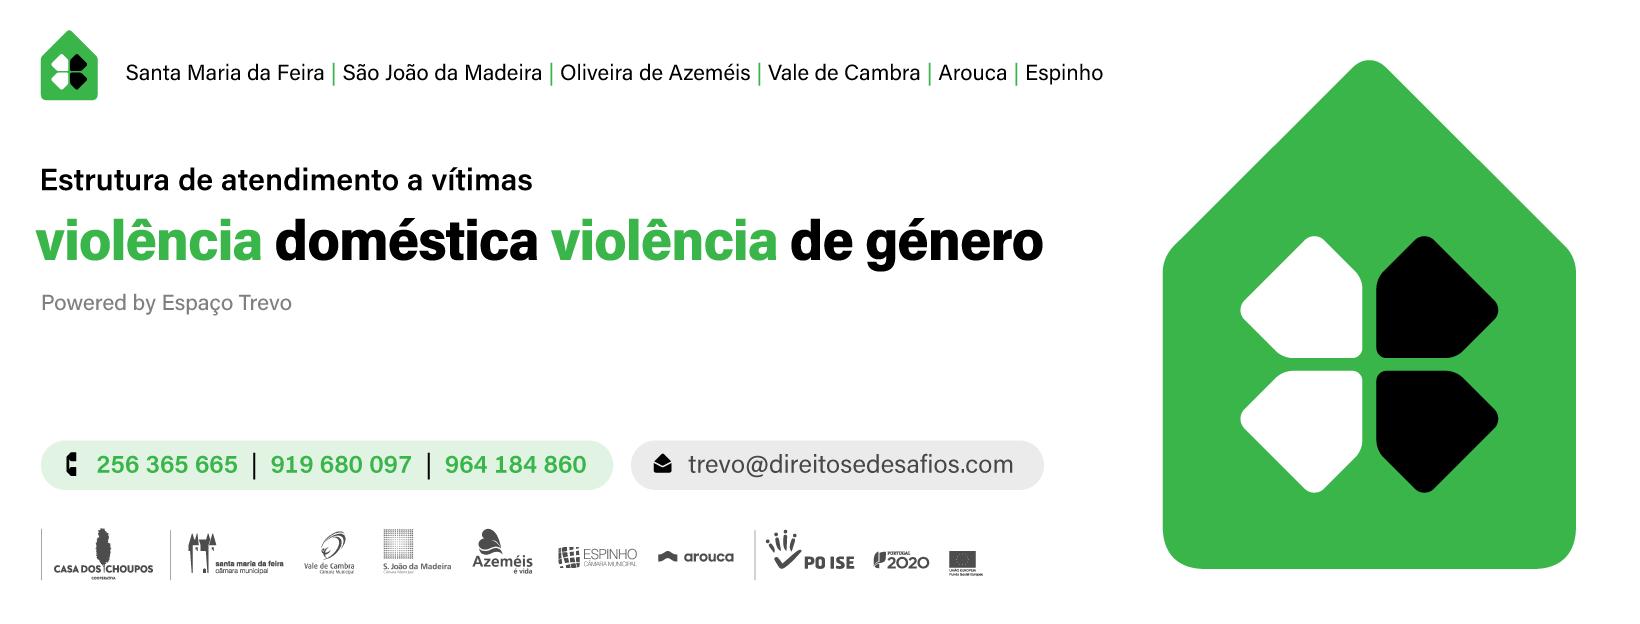 GABINETE DE APOIO A VÍTIMAS DE VIOLÊNCIA DOMÉSTICA E DE GÉNERO